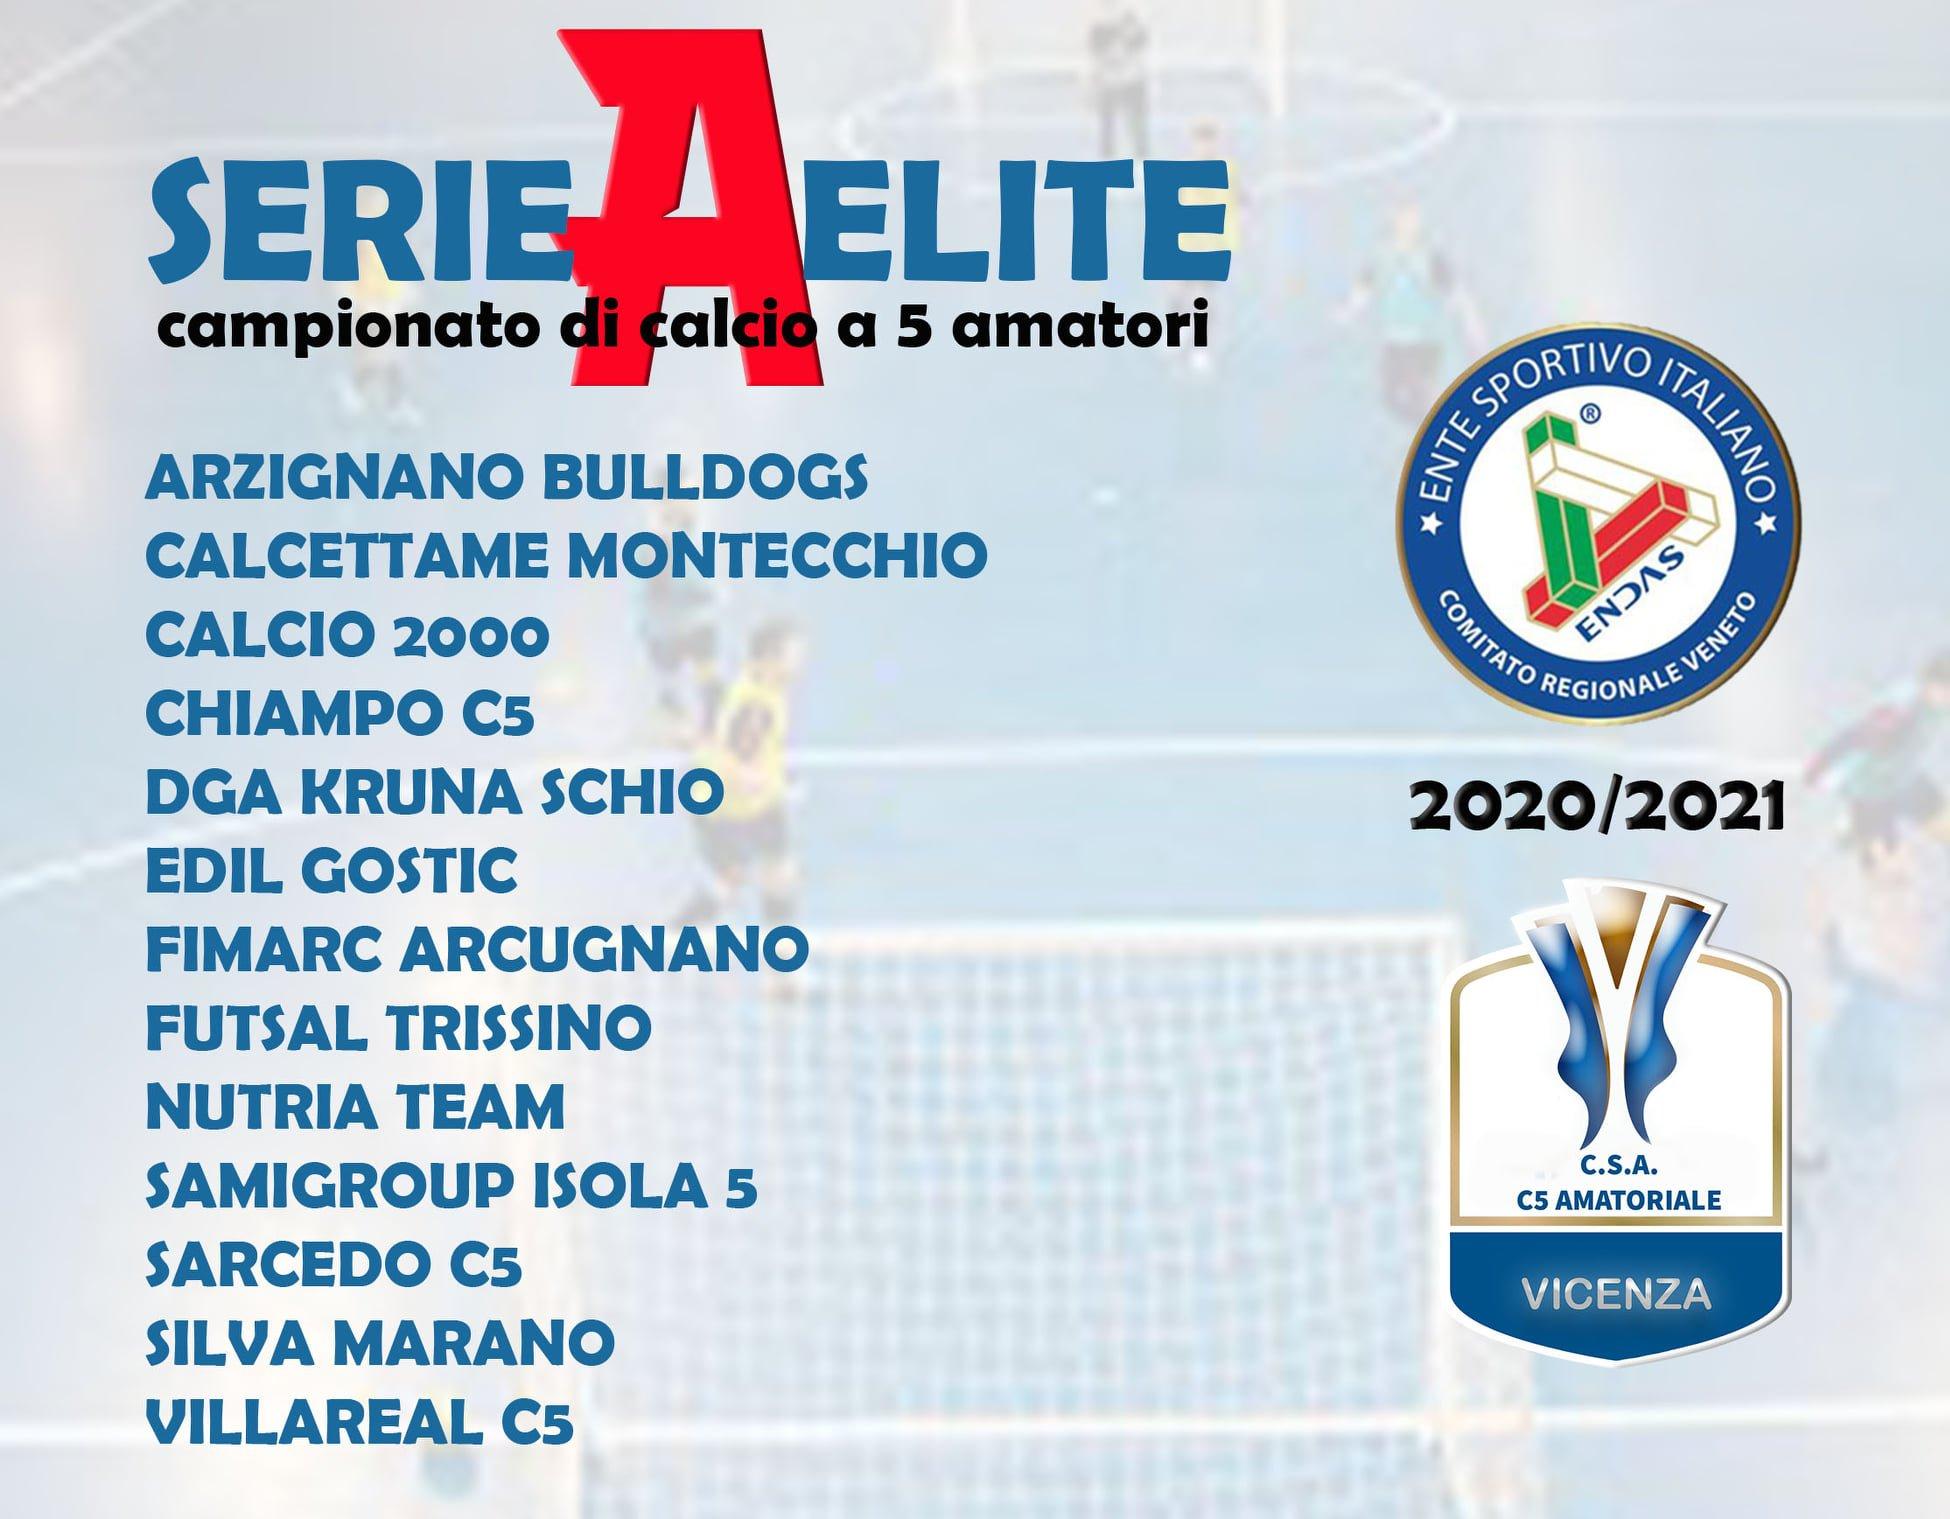 Campionato Regionale Veneto calcio a 5 2020/2021